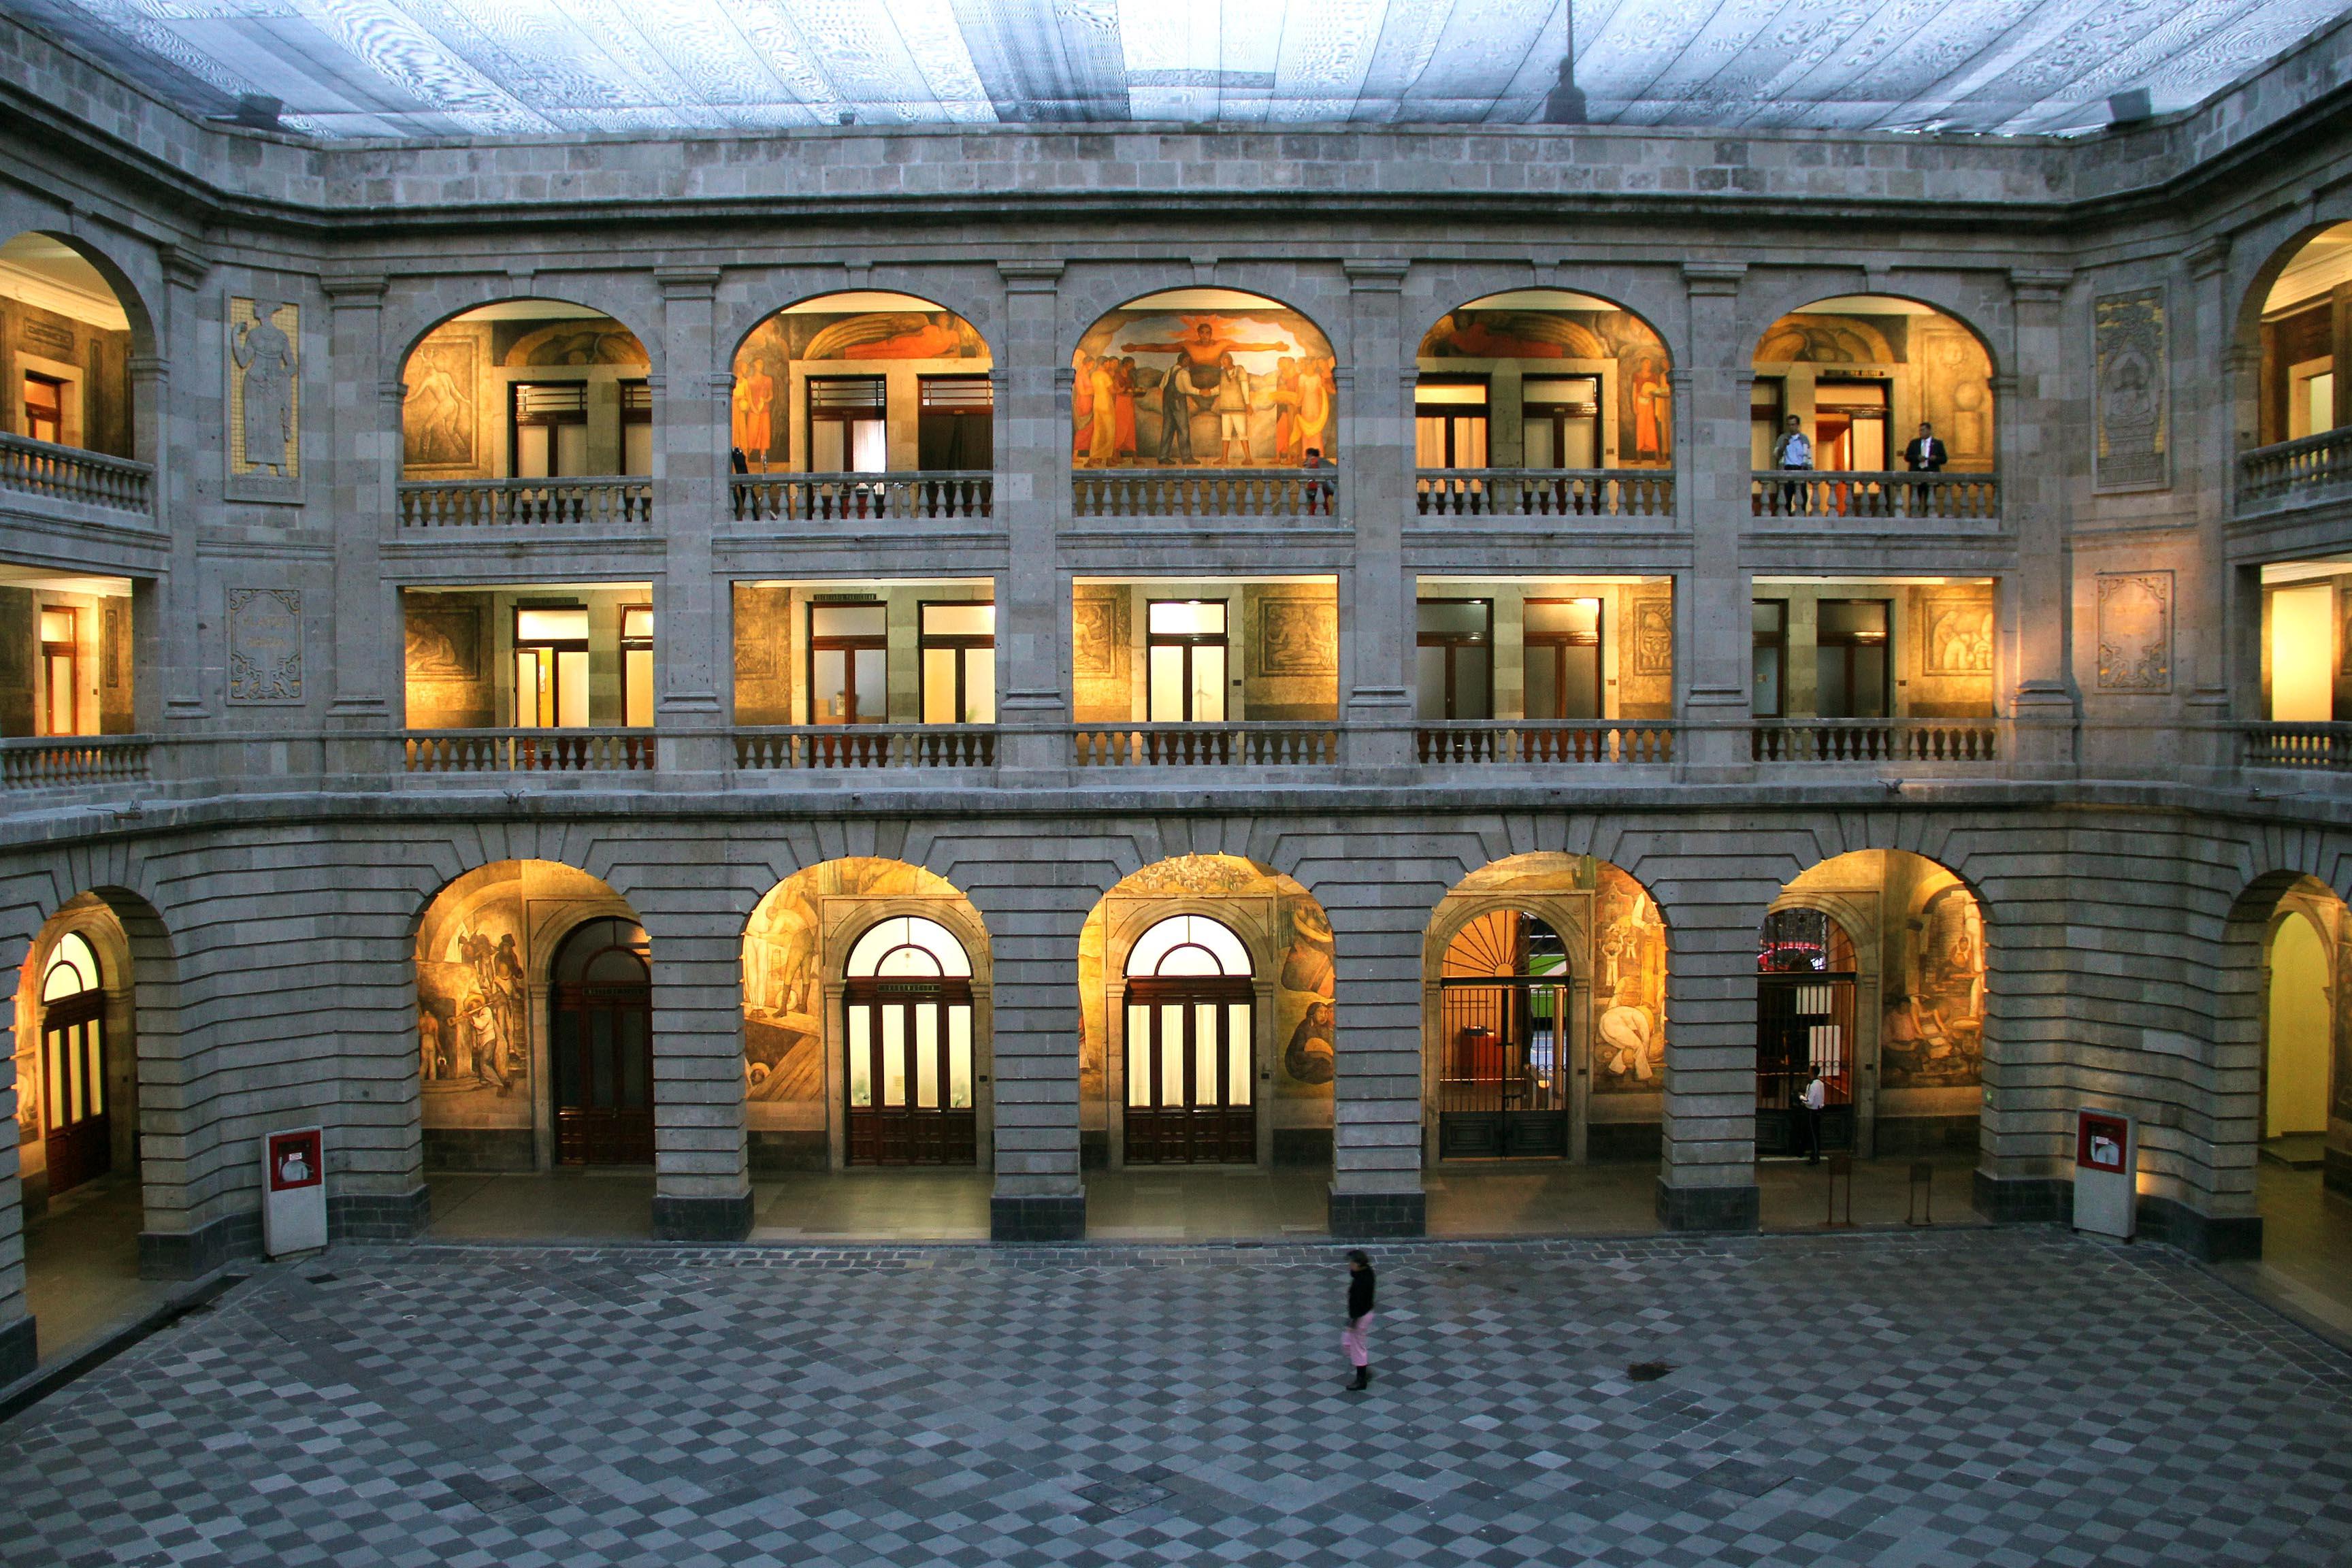 Se realiza una profunda Reforma Educativa para impulsar los cambios necesarios en su funcionamiento general y dar continuidad a lo dispuesto en el decreto del presidente Enrique Peña Nieto.